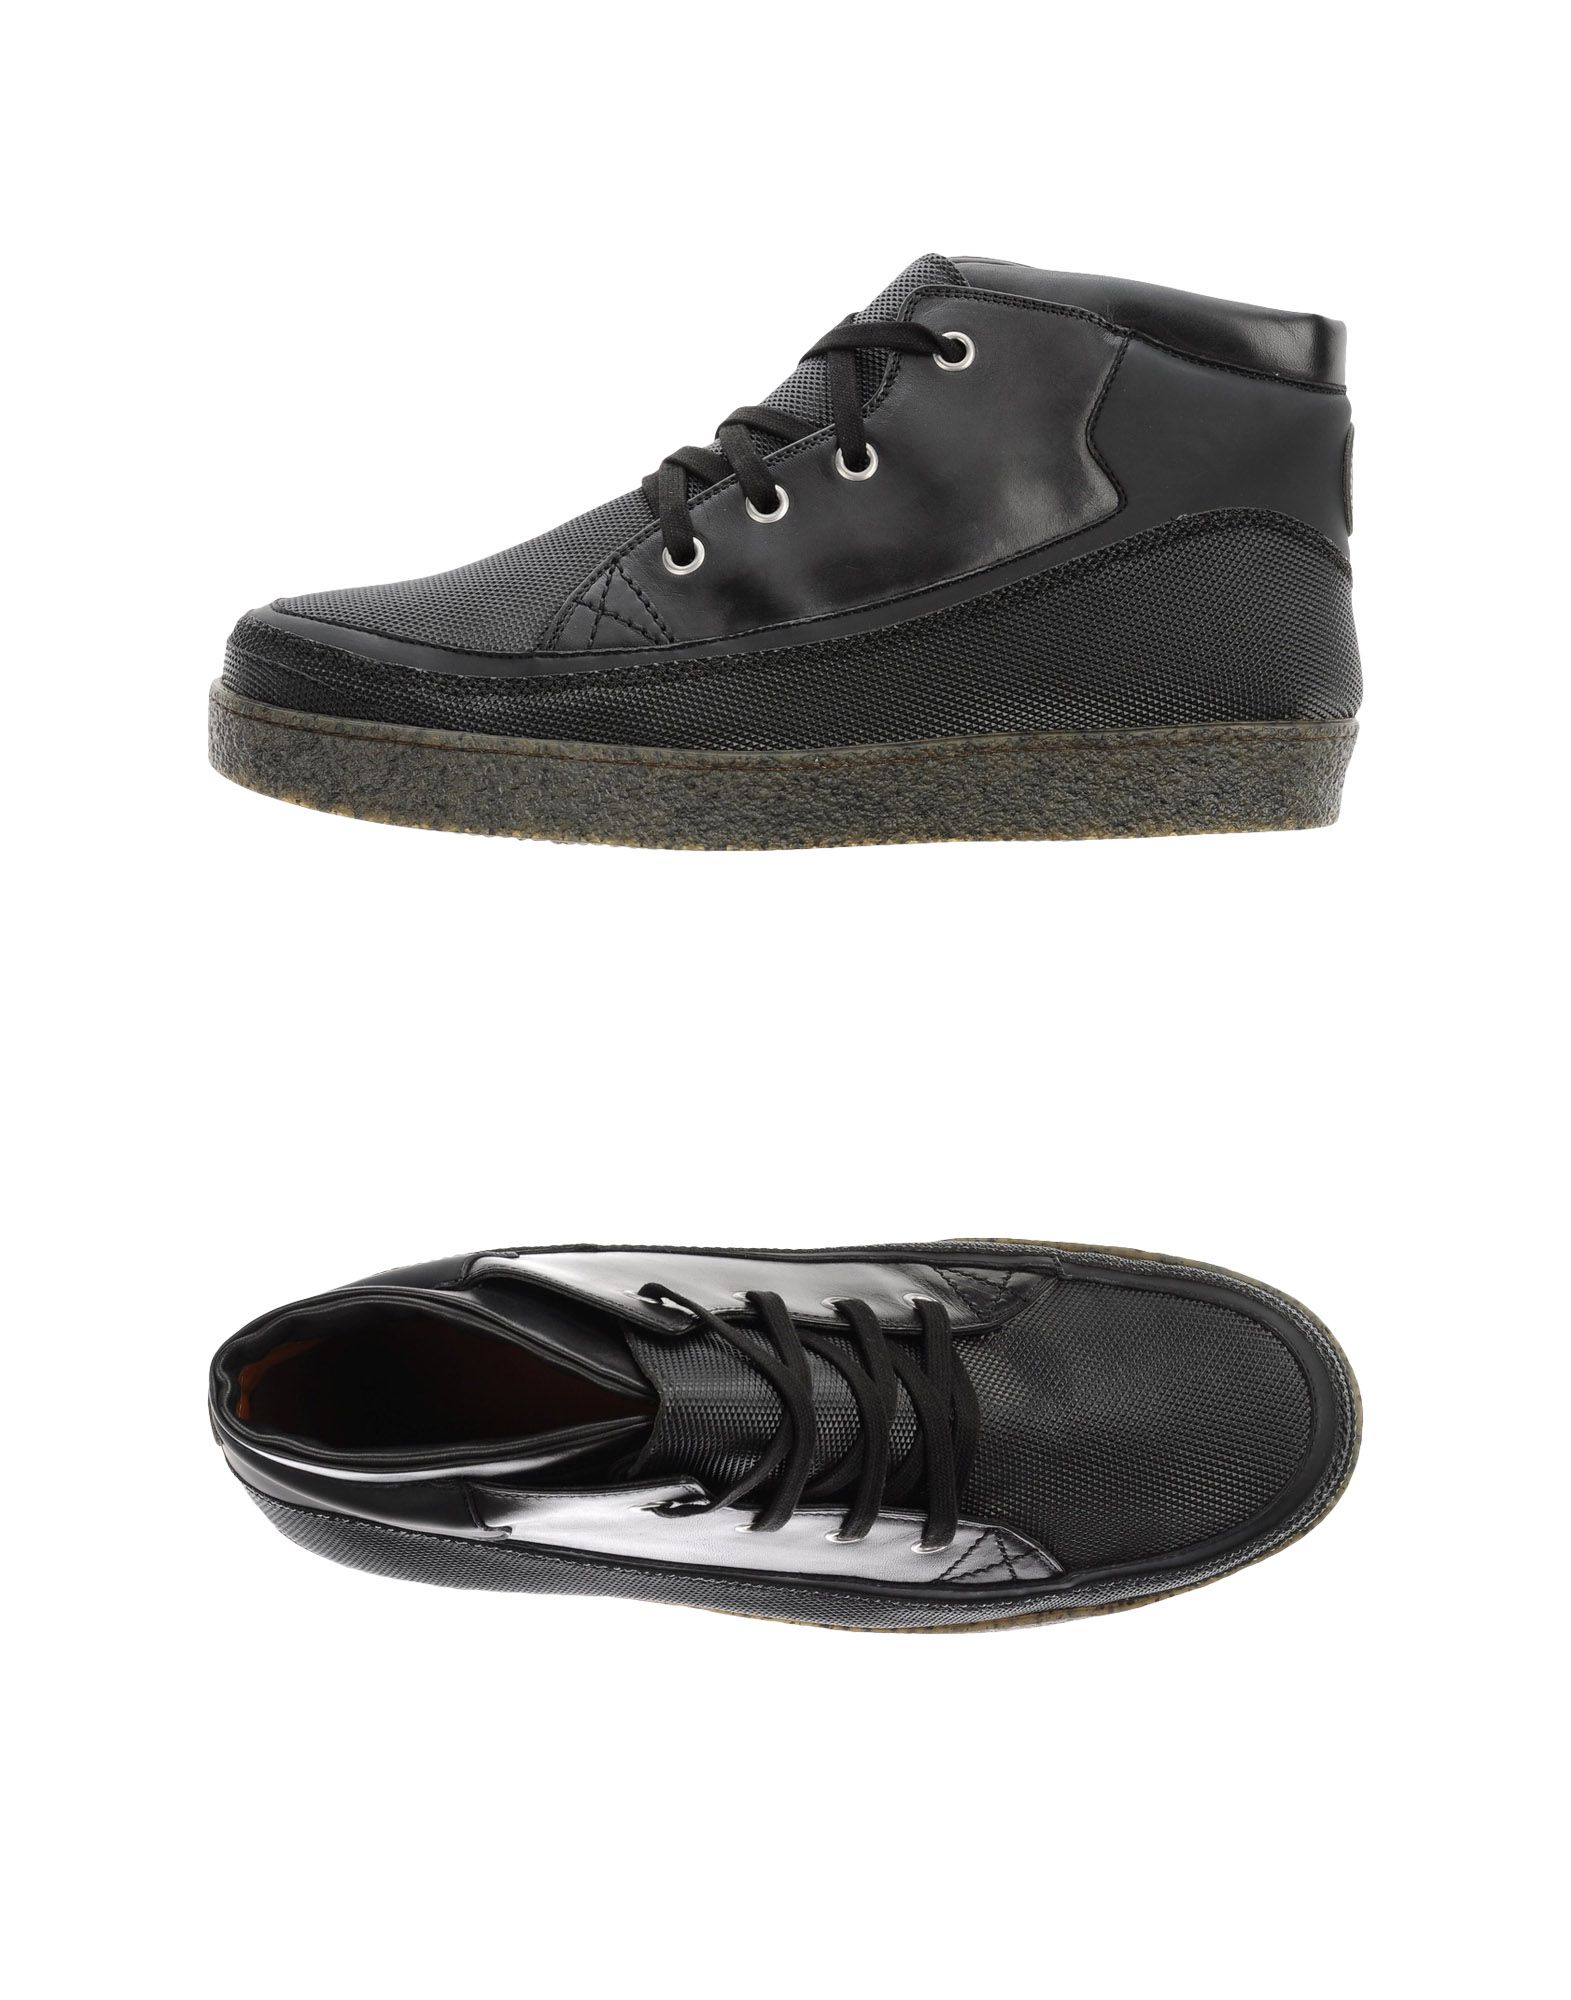 Trussardi Sneakers Herren  44909590DD Gute Qualität beliebte Schuhe